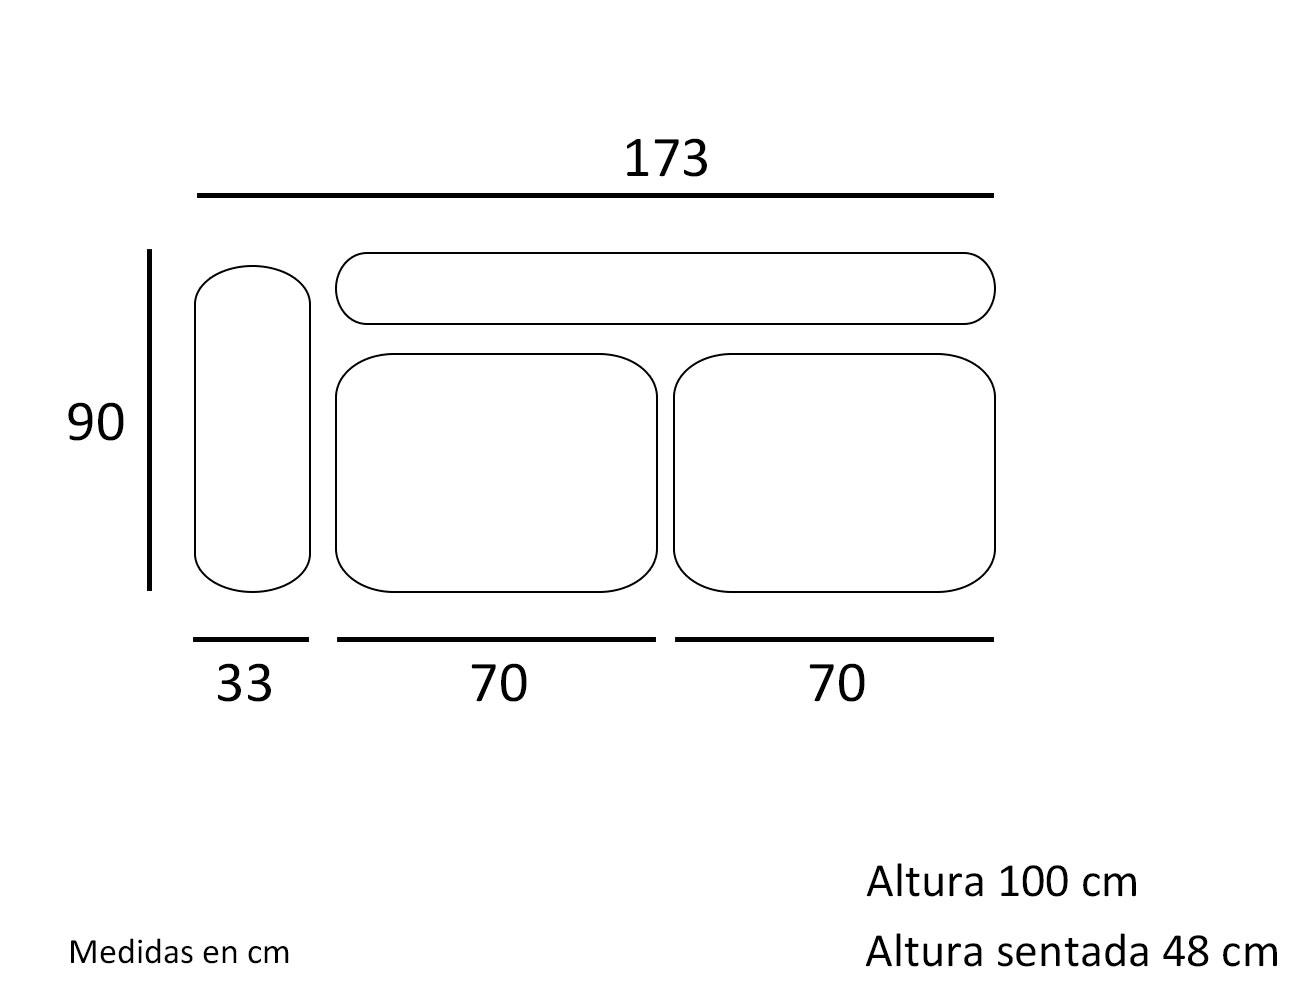 Croquis modulo 2 plazas con 1 brazo 1735